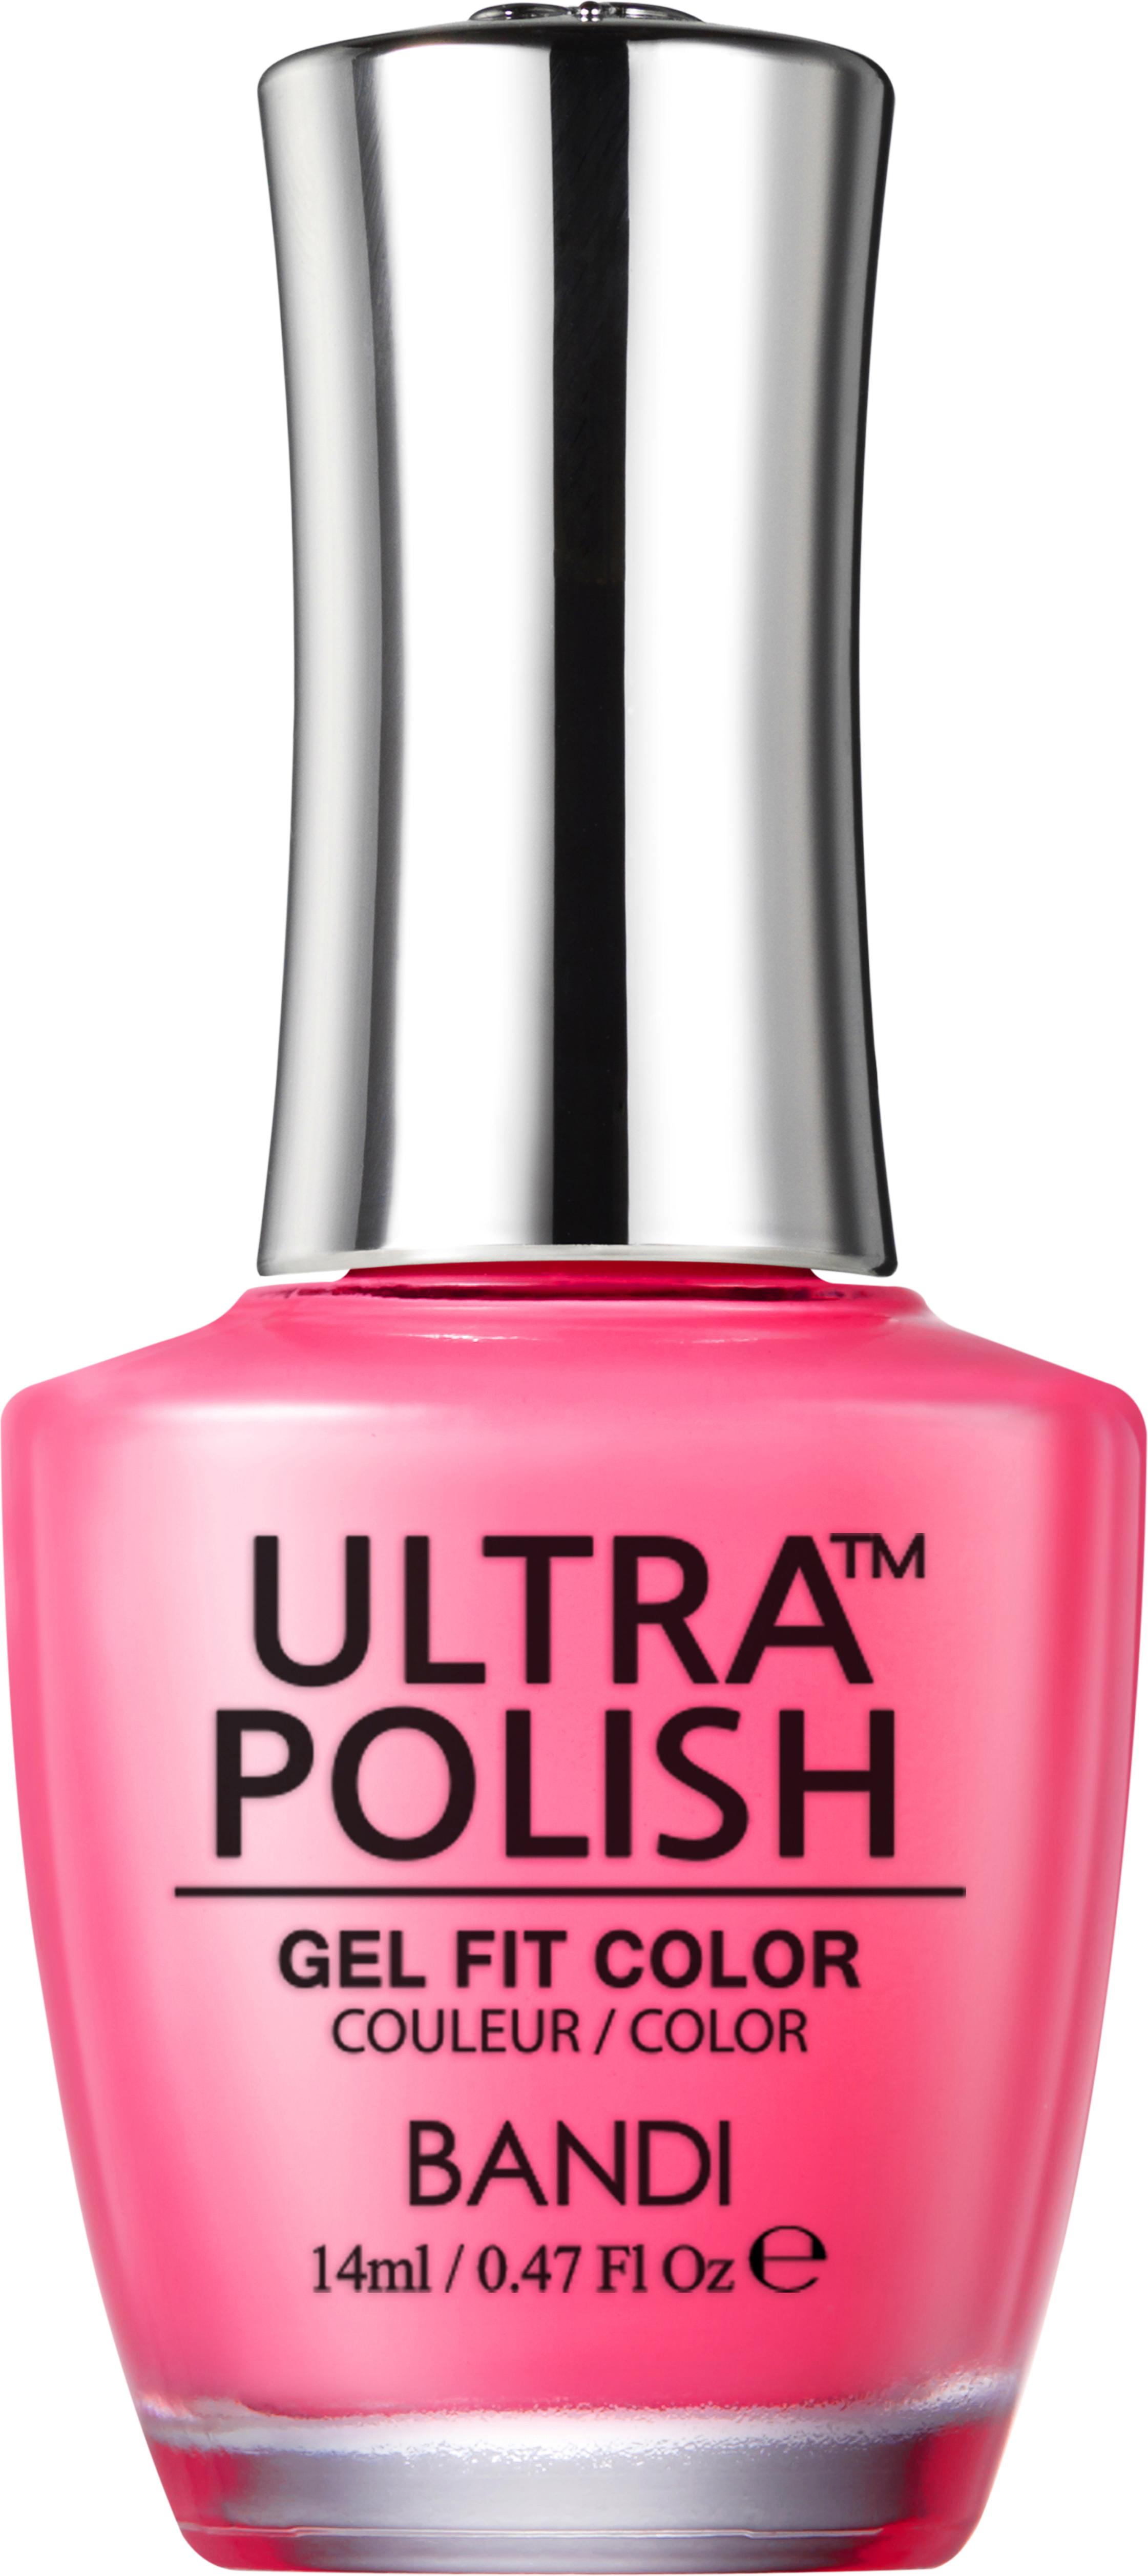 Bandi up108 ультра-покрытие долговременное цветное для ногтей / ultra polish gel fit color 14 мл